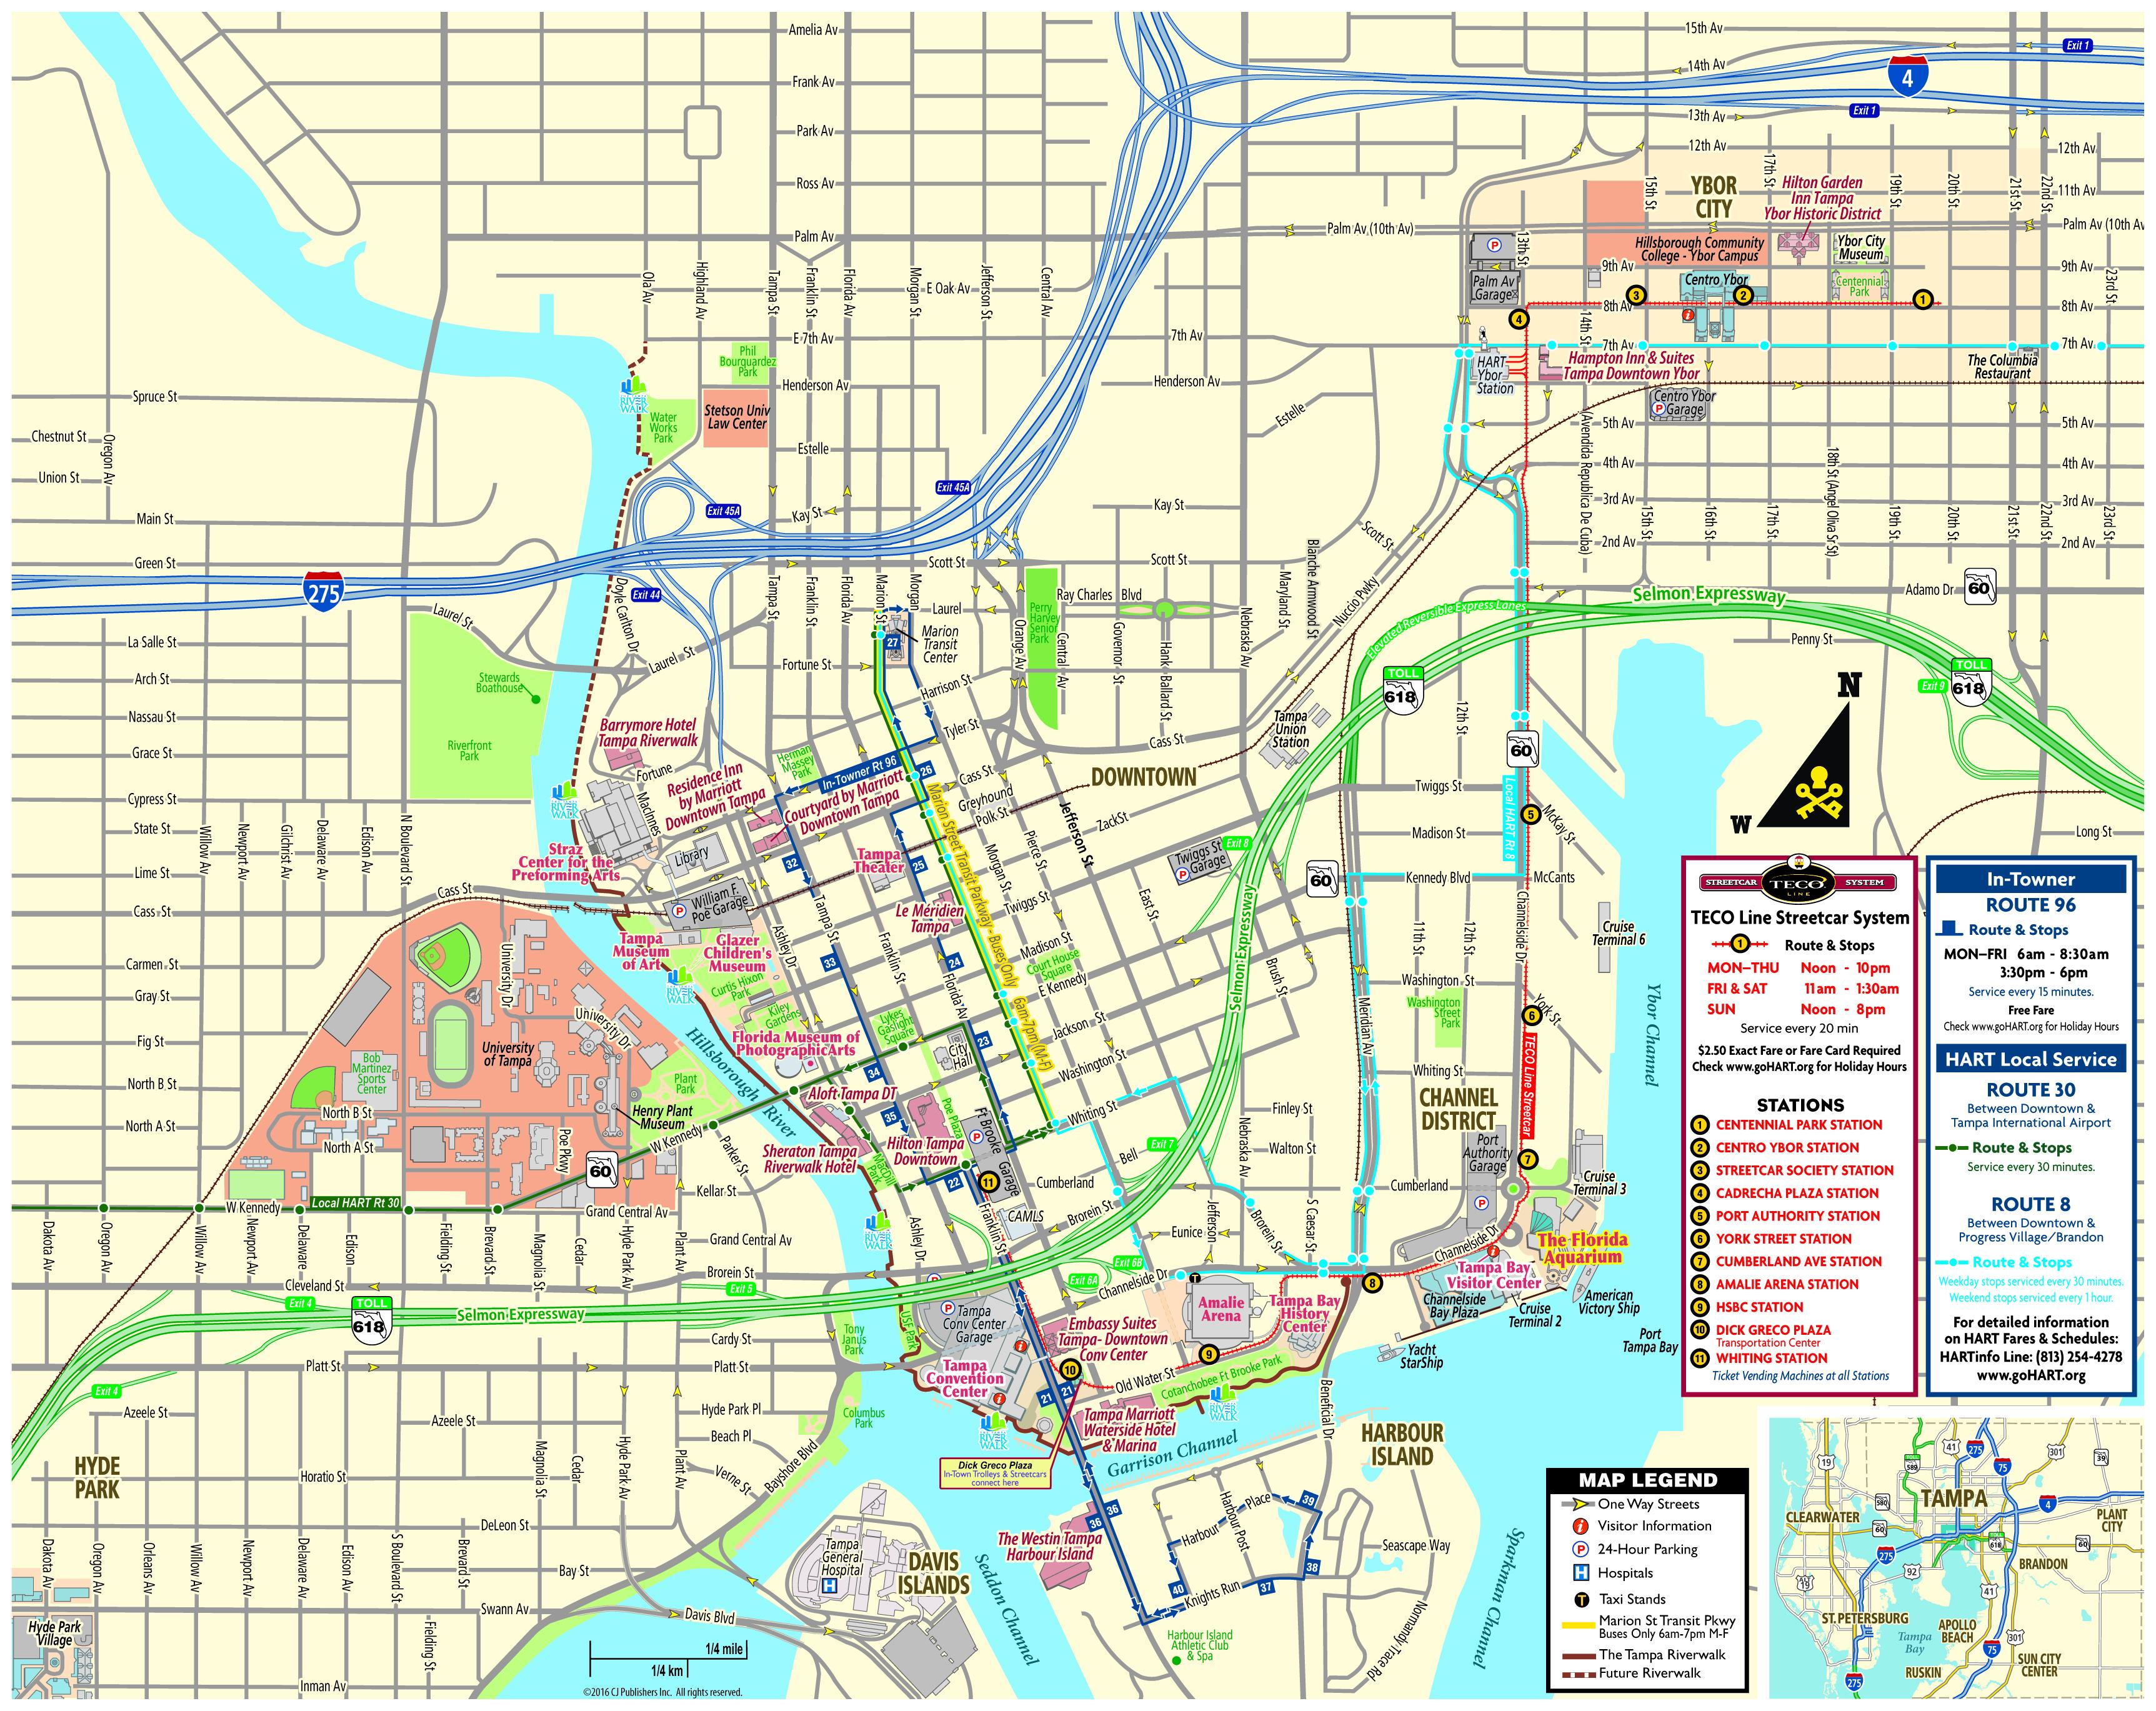 Pocket Map on